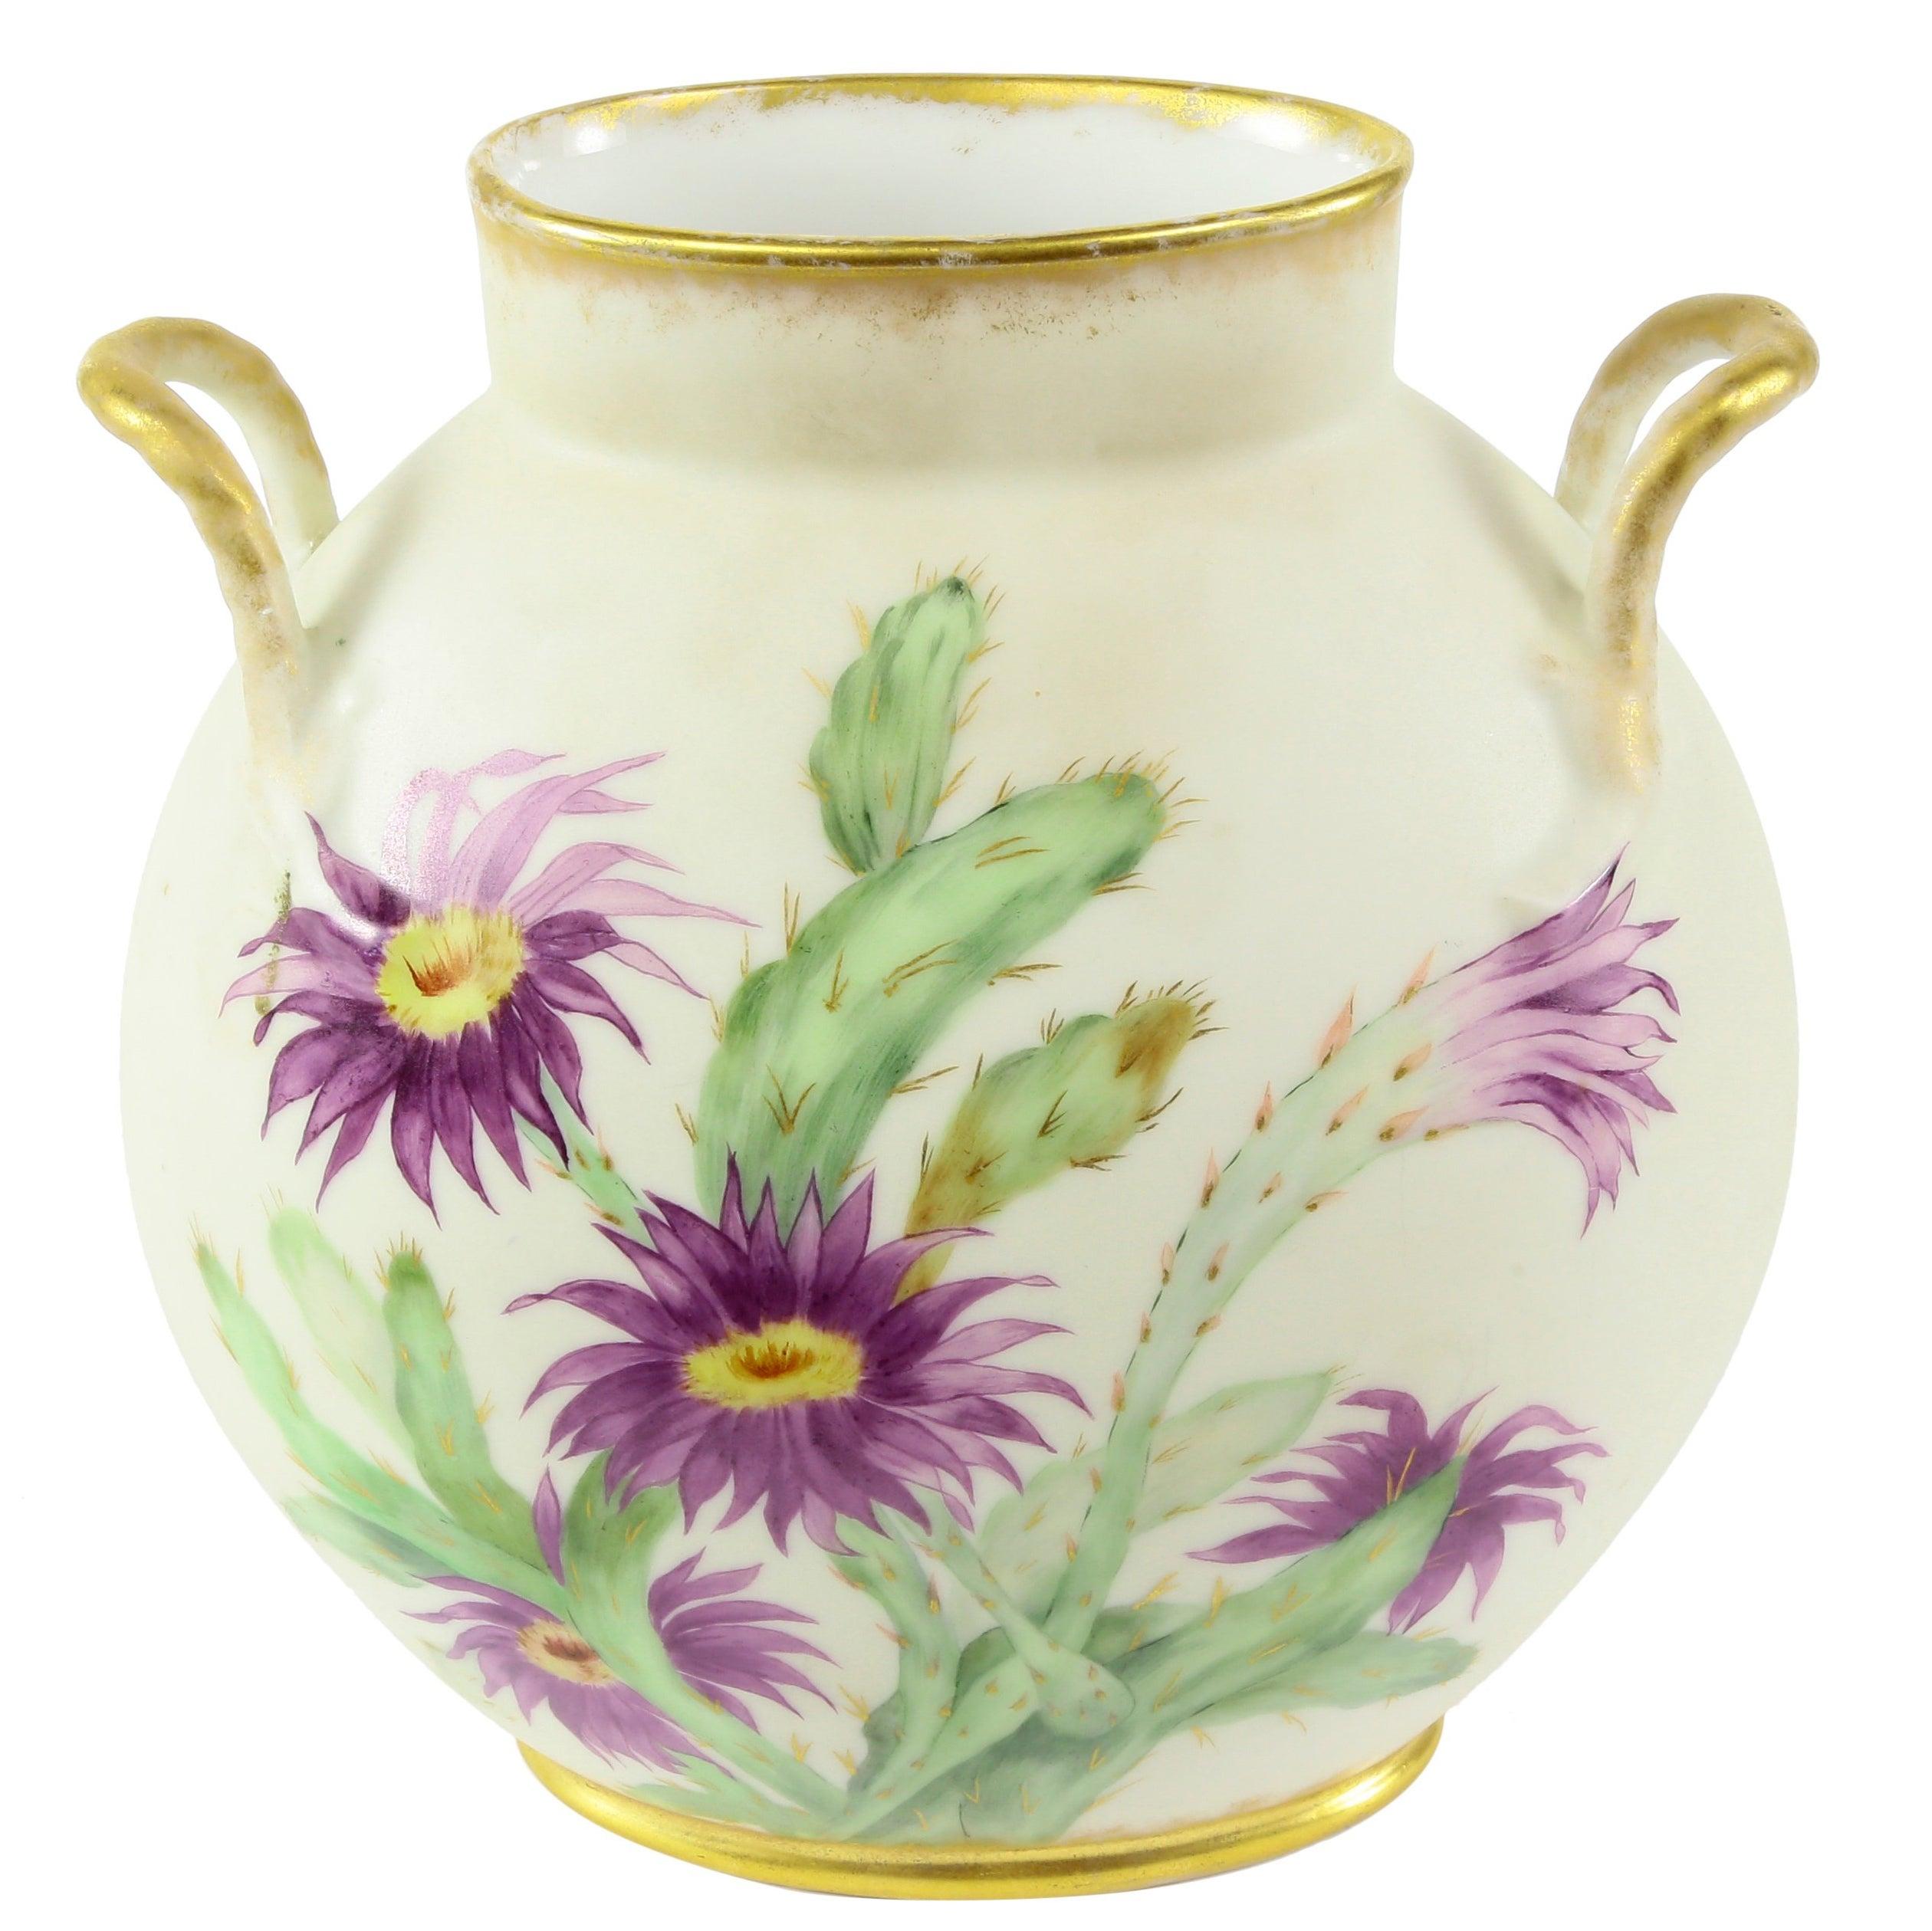 Antique Limoges Hand-Painted Flowers Porcelain Vase Estate France